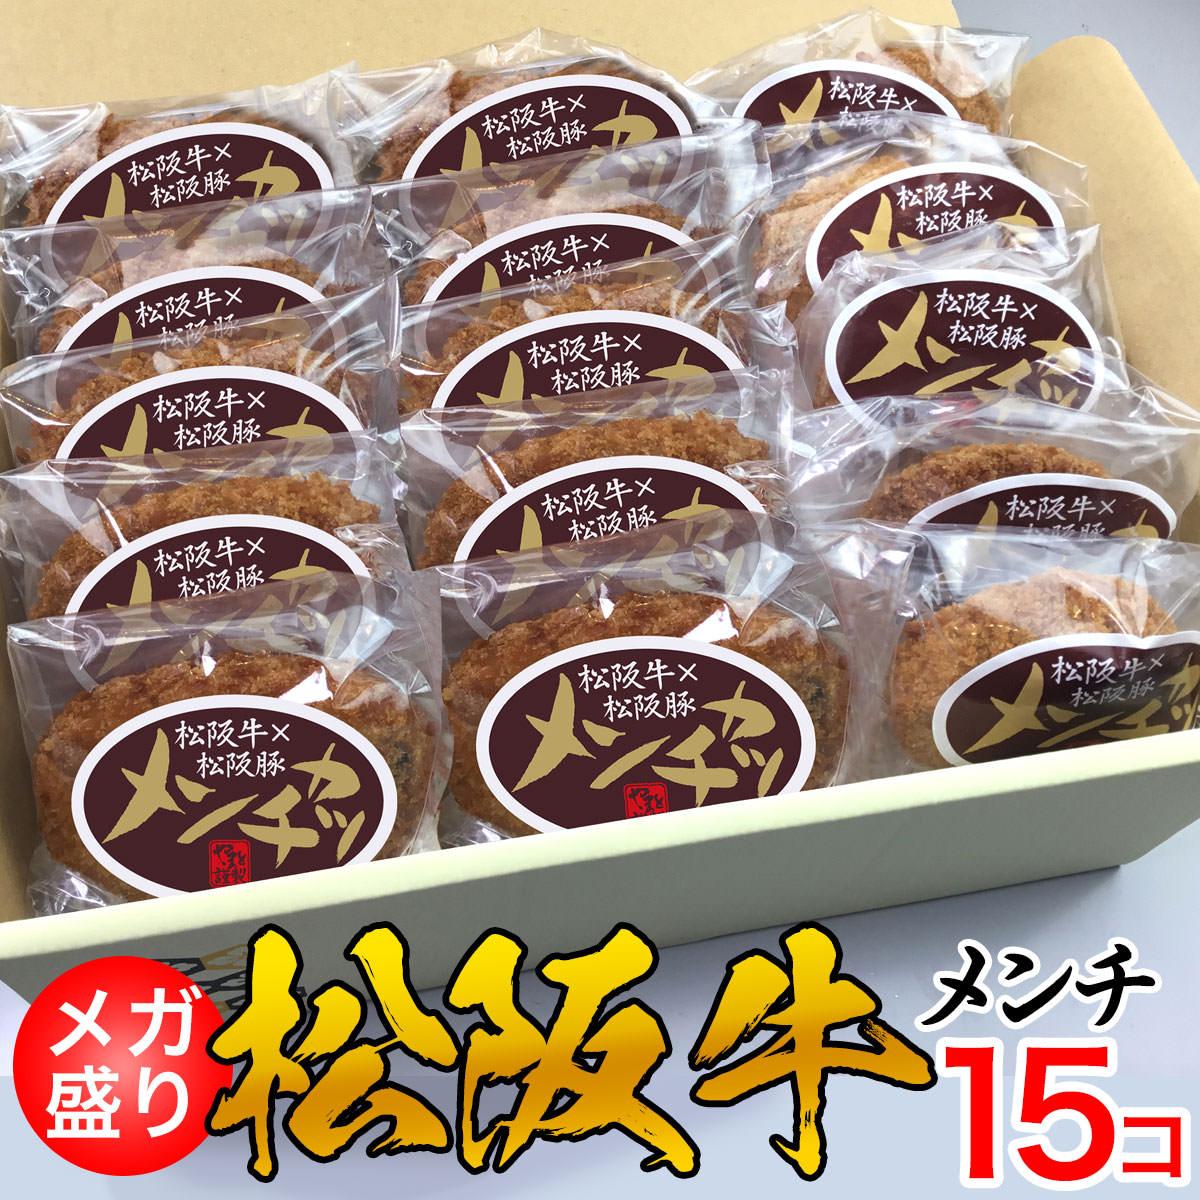 松阪牛メンチ メガ盛り15個